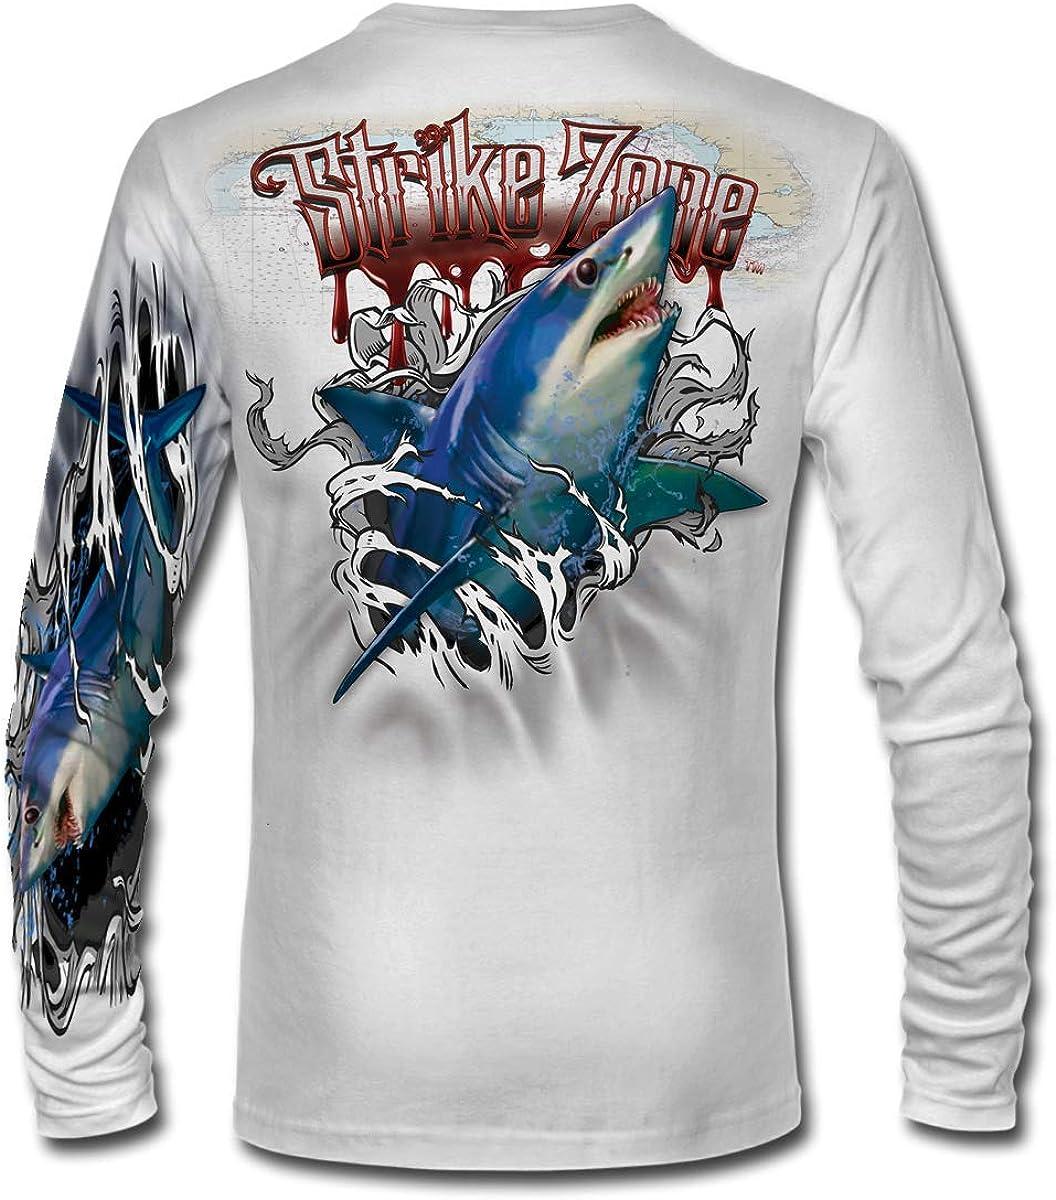 Jason Mathias Strike Zone MAKO Shark LS High Performance Shirt